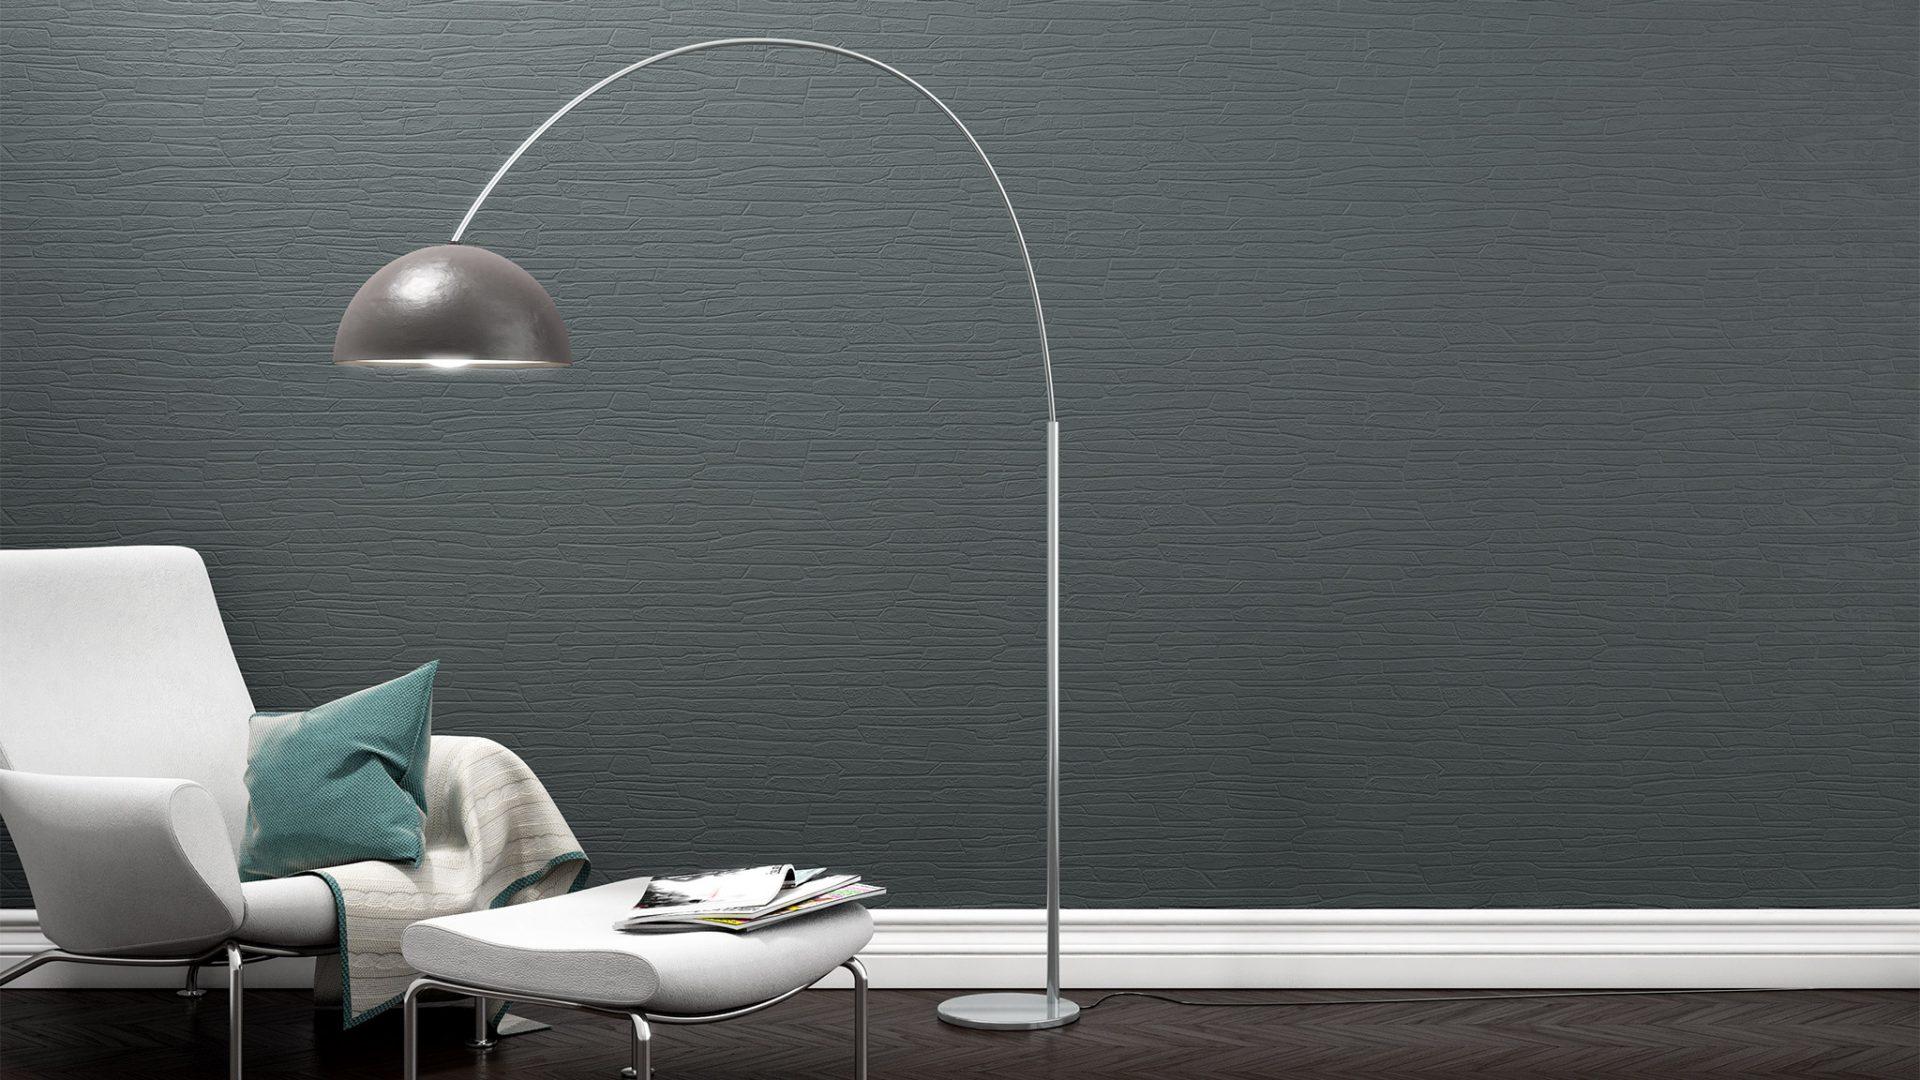 3D-Milieu interior/Rendering eines weißen Sessels mit Hocker neben Bogen-Stehleuchte vor Struktur-Tapete